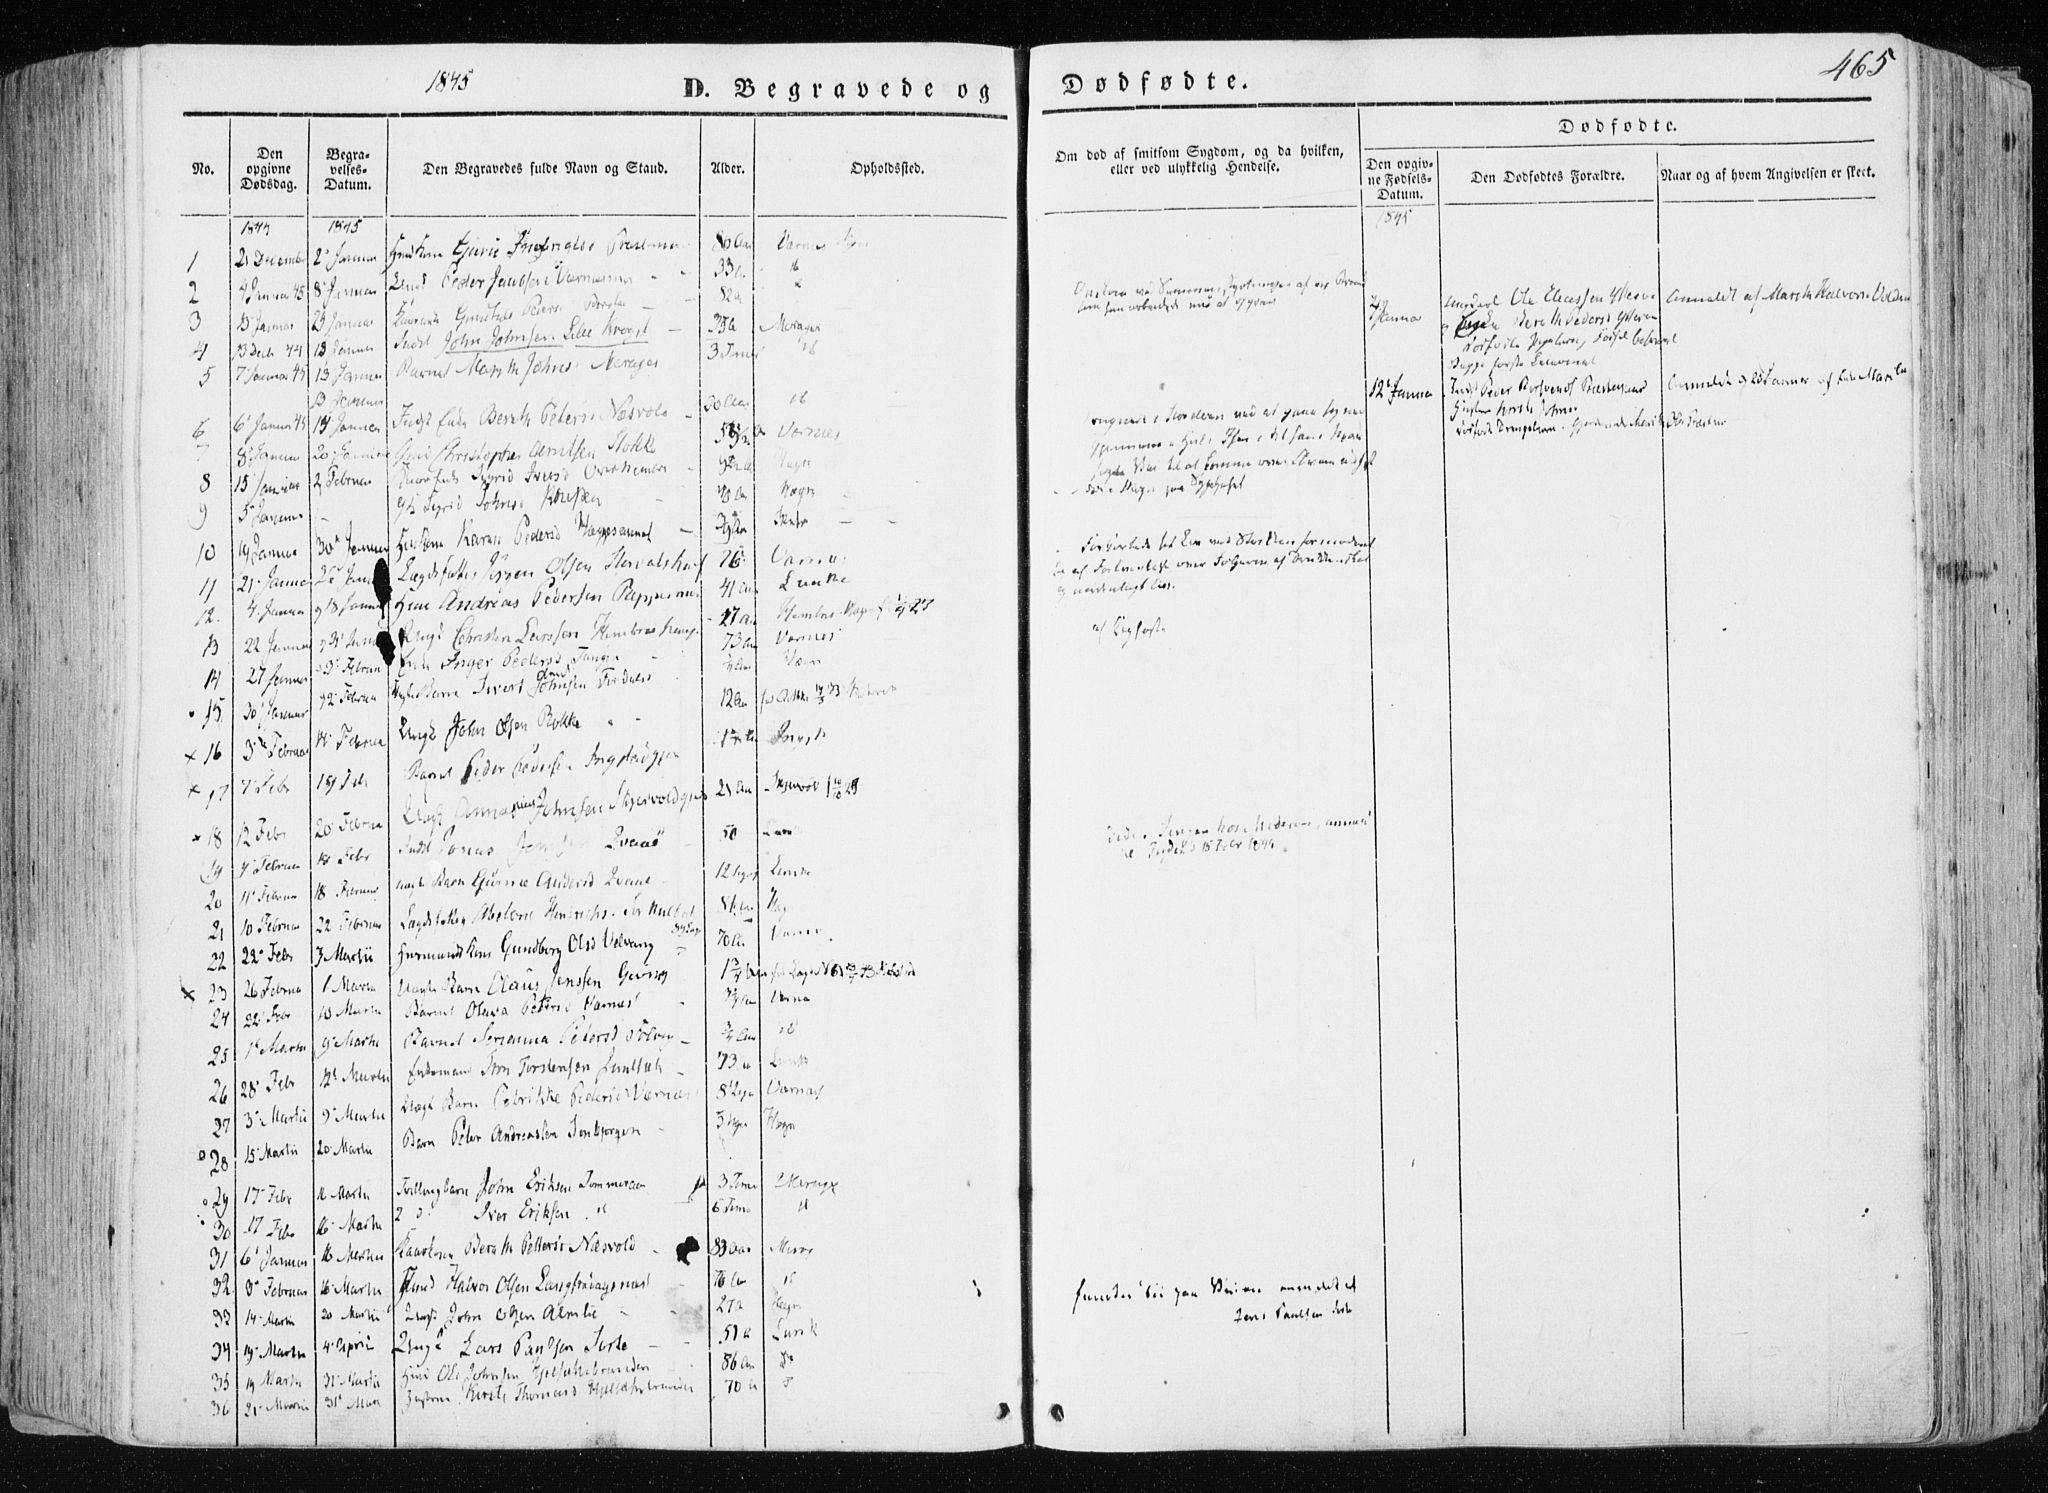 SAT, Ministerialprotokoller, klokkerbøker og fødselsregistre - Nord-Trøndelag, 709/L0074: Ministerialbok nr. 709A14, 1845-1858, s. 465